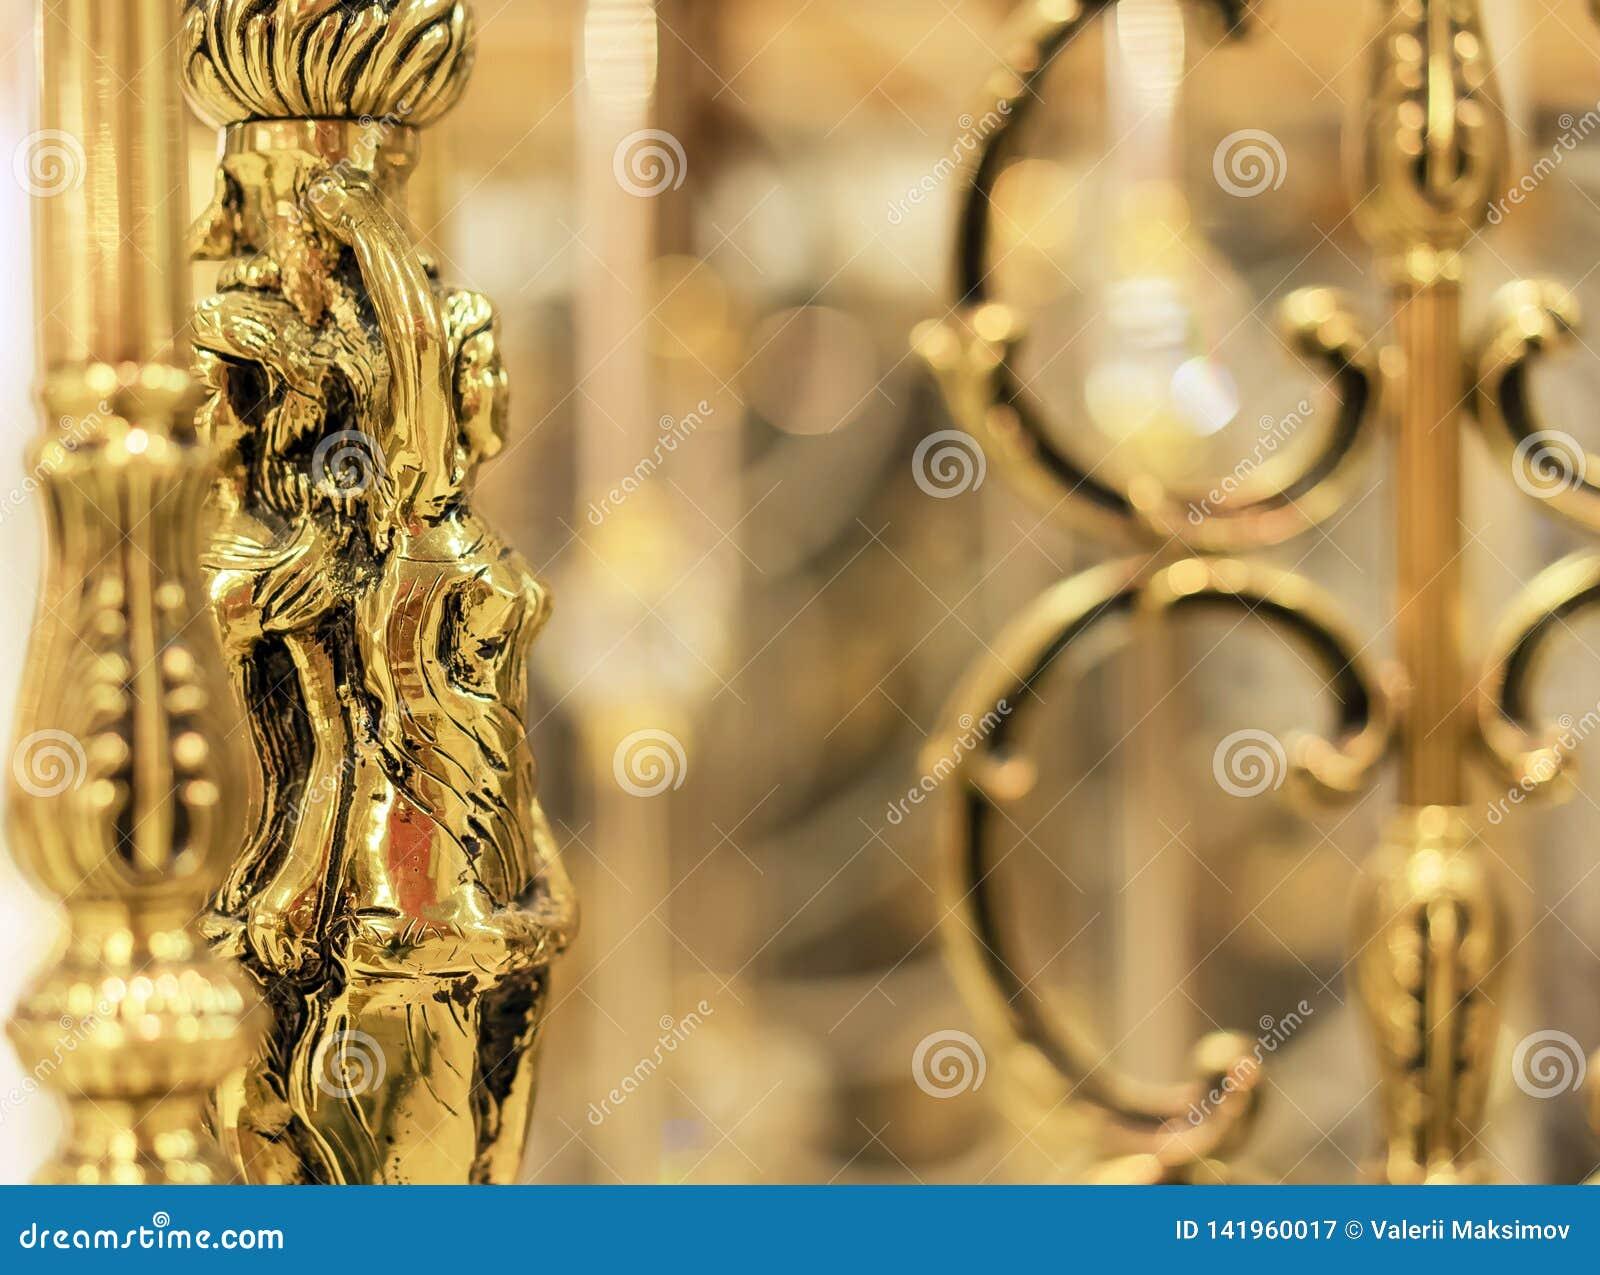 Female golden statuette, decorative item of interior